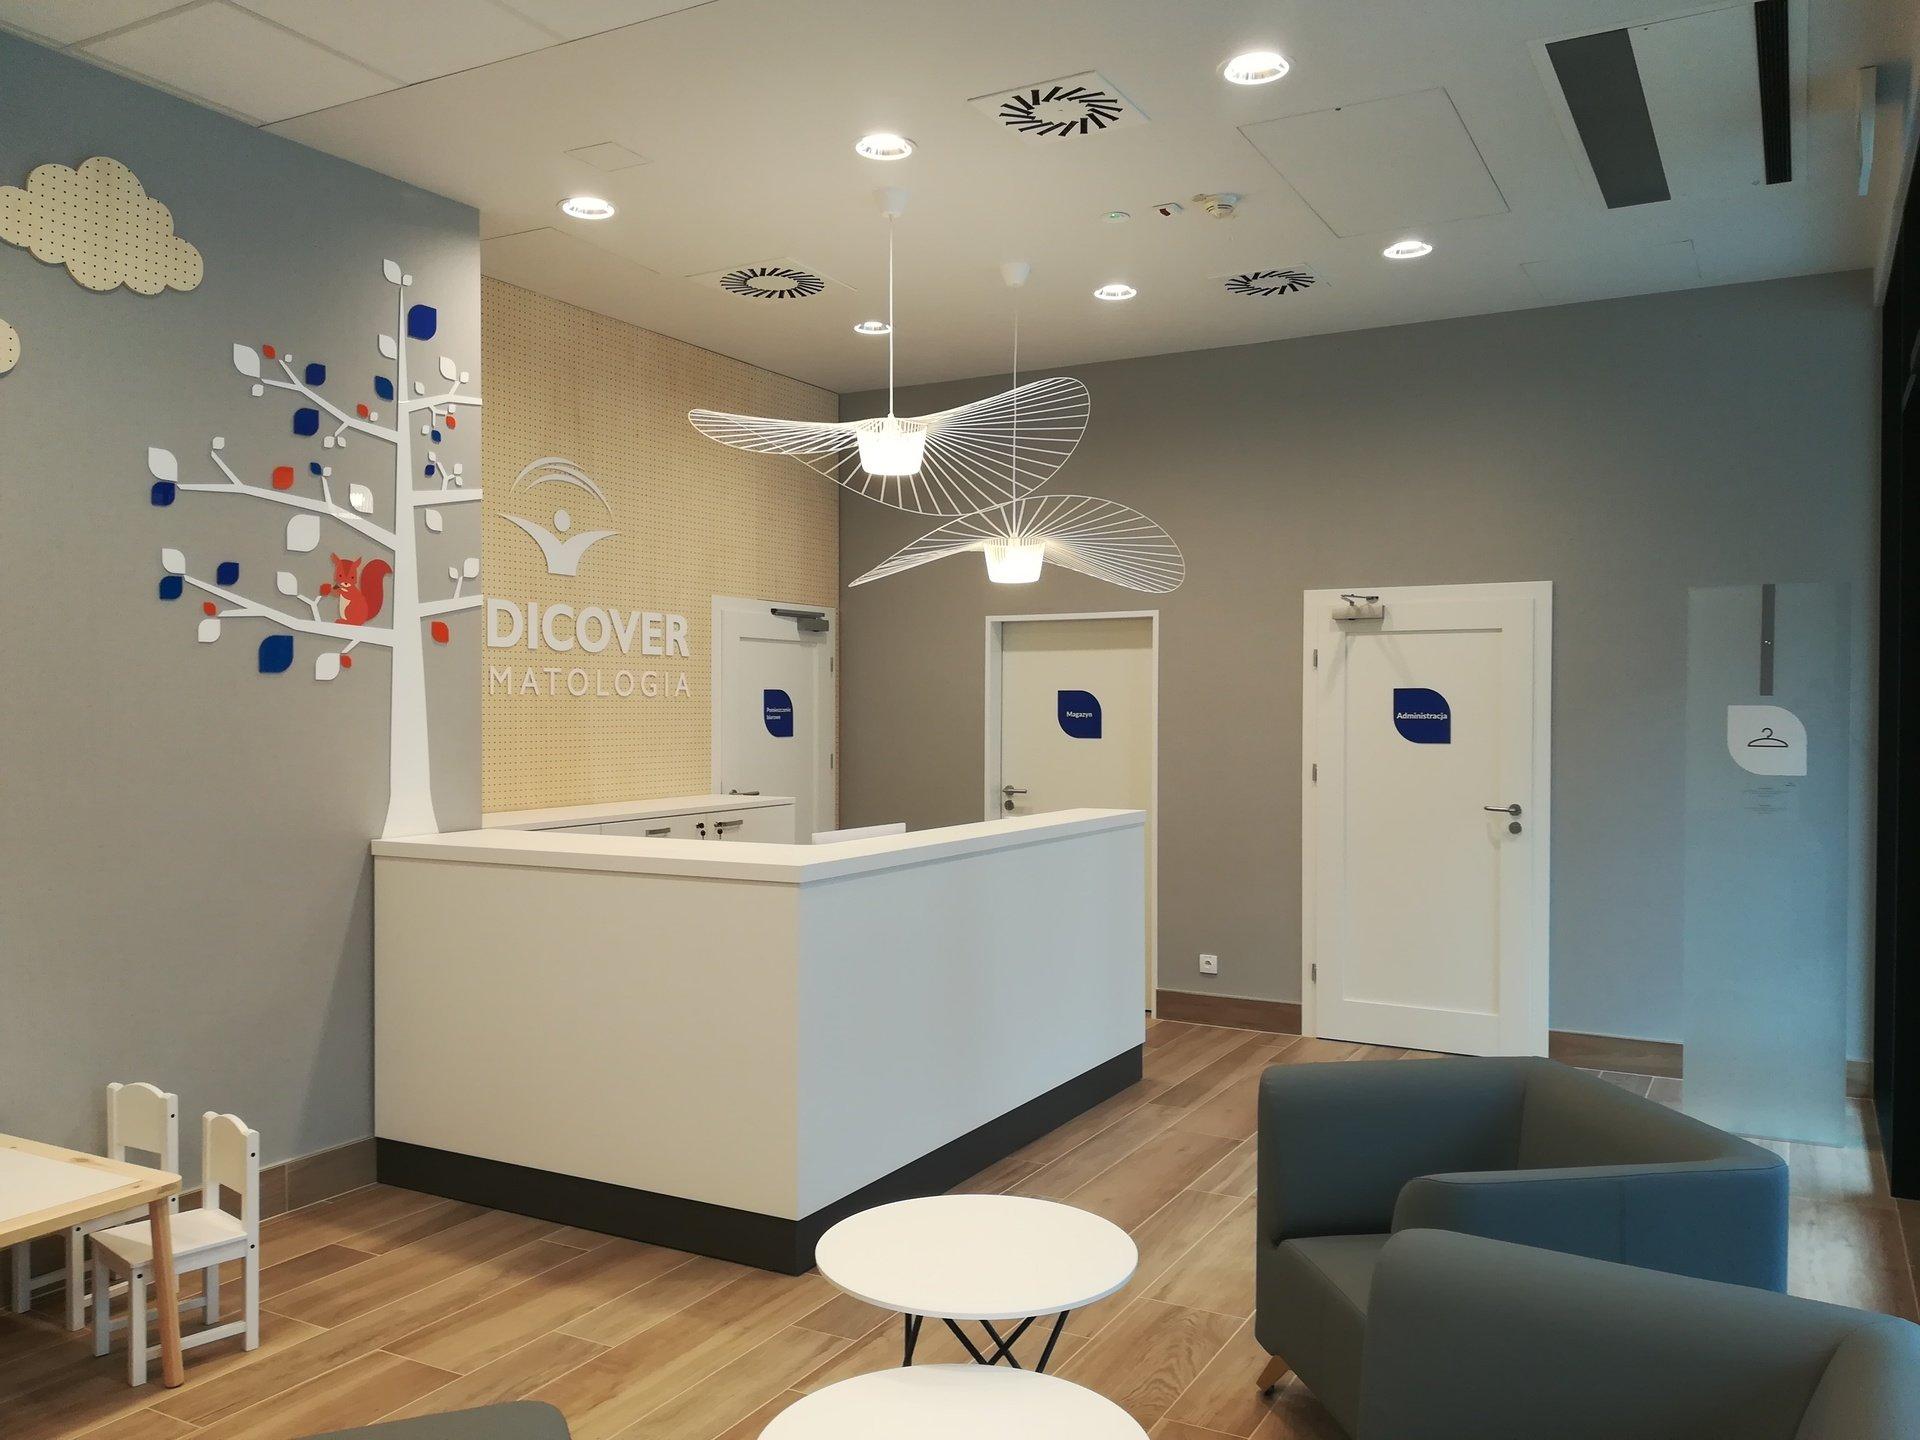 Nowe centrum Medicover Stomatologia w Krakowie